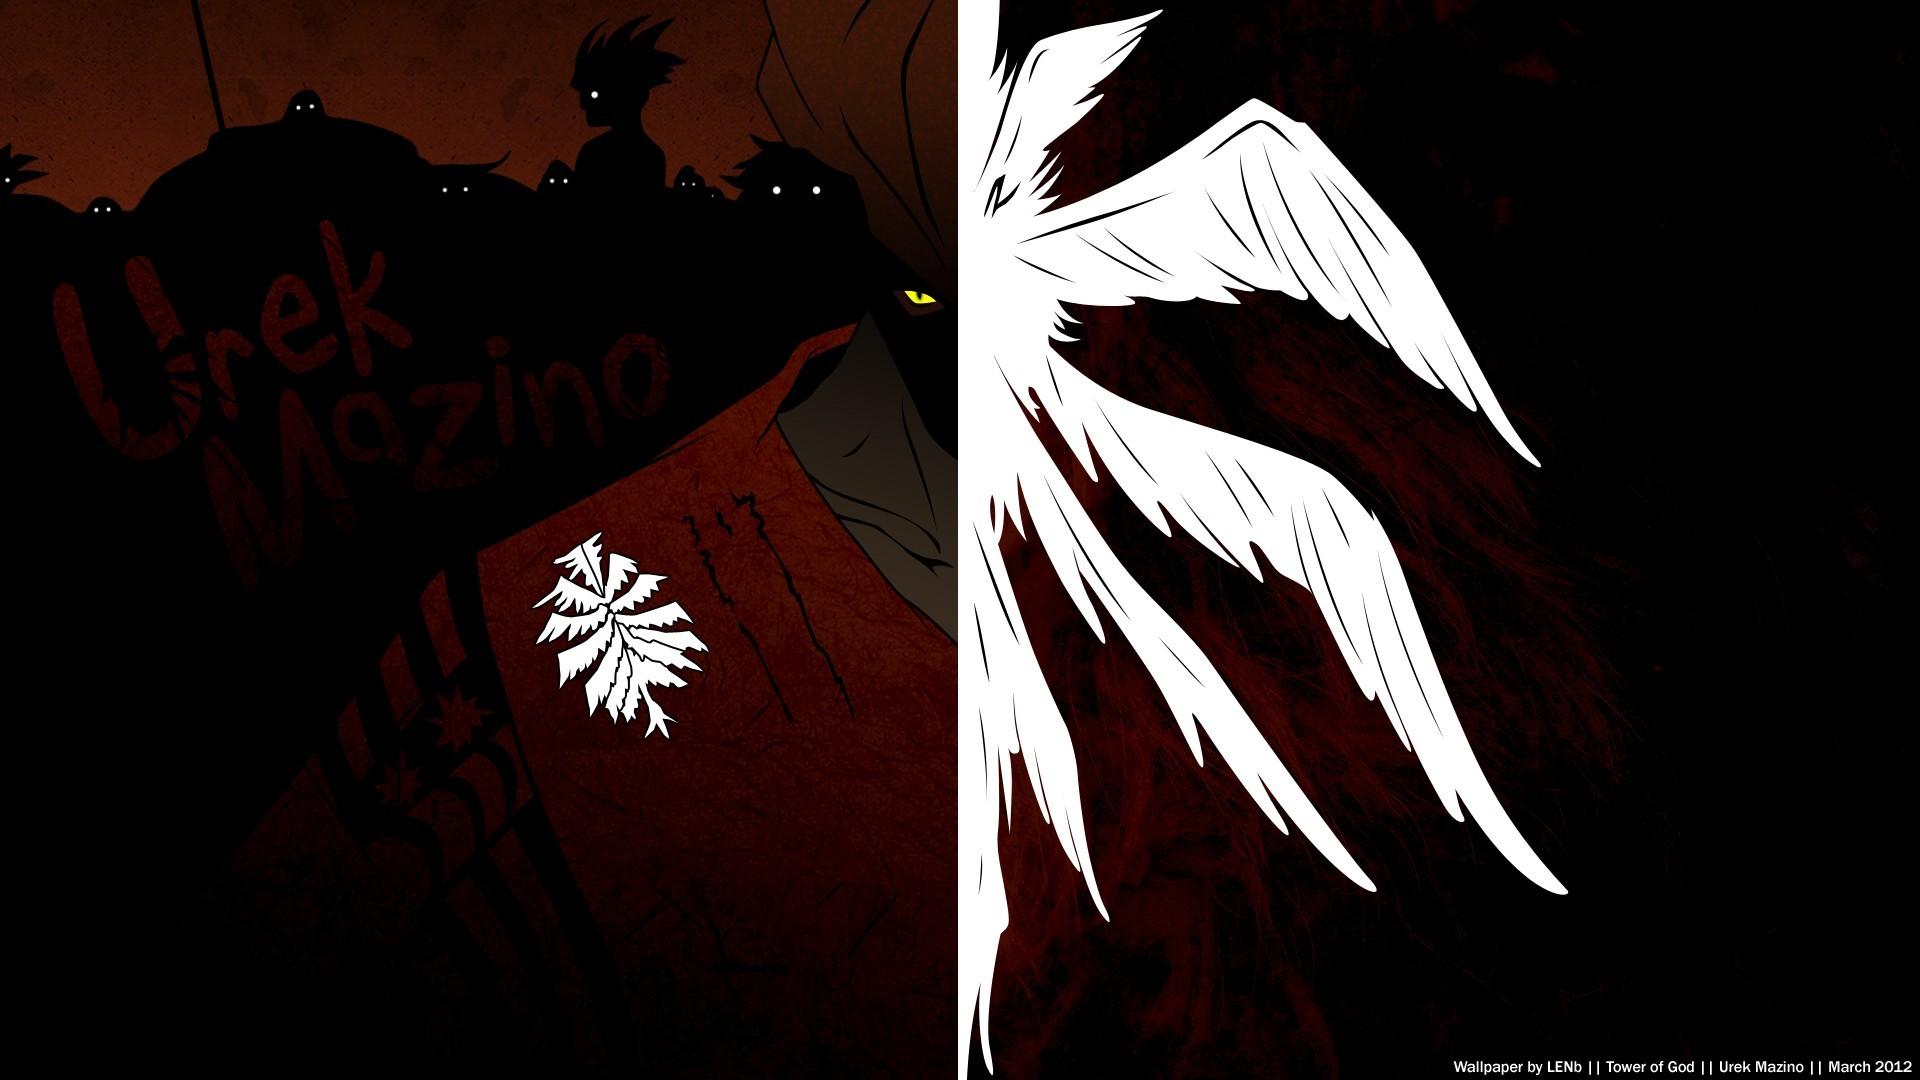 Wallpaper Illustration Anime Tower Of God Urek Mazino